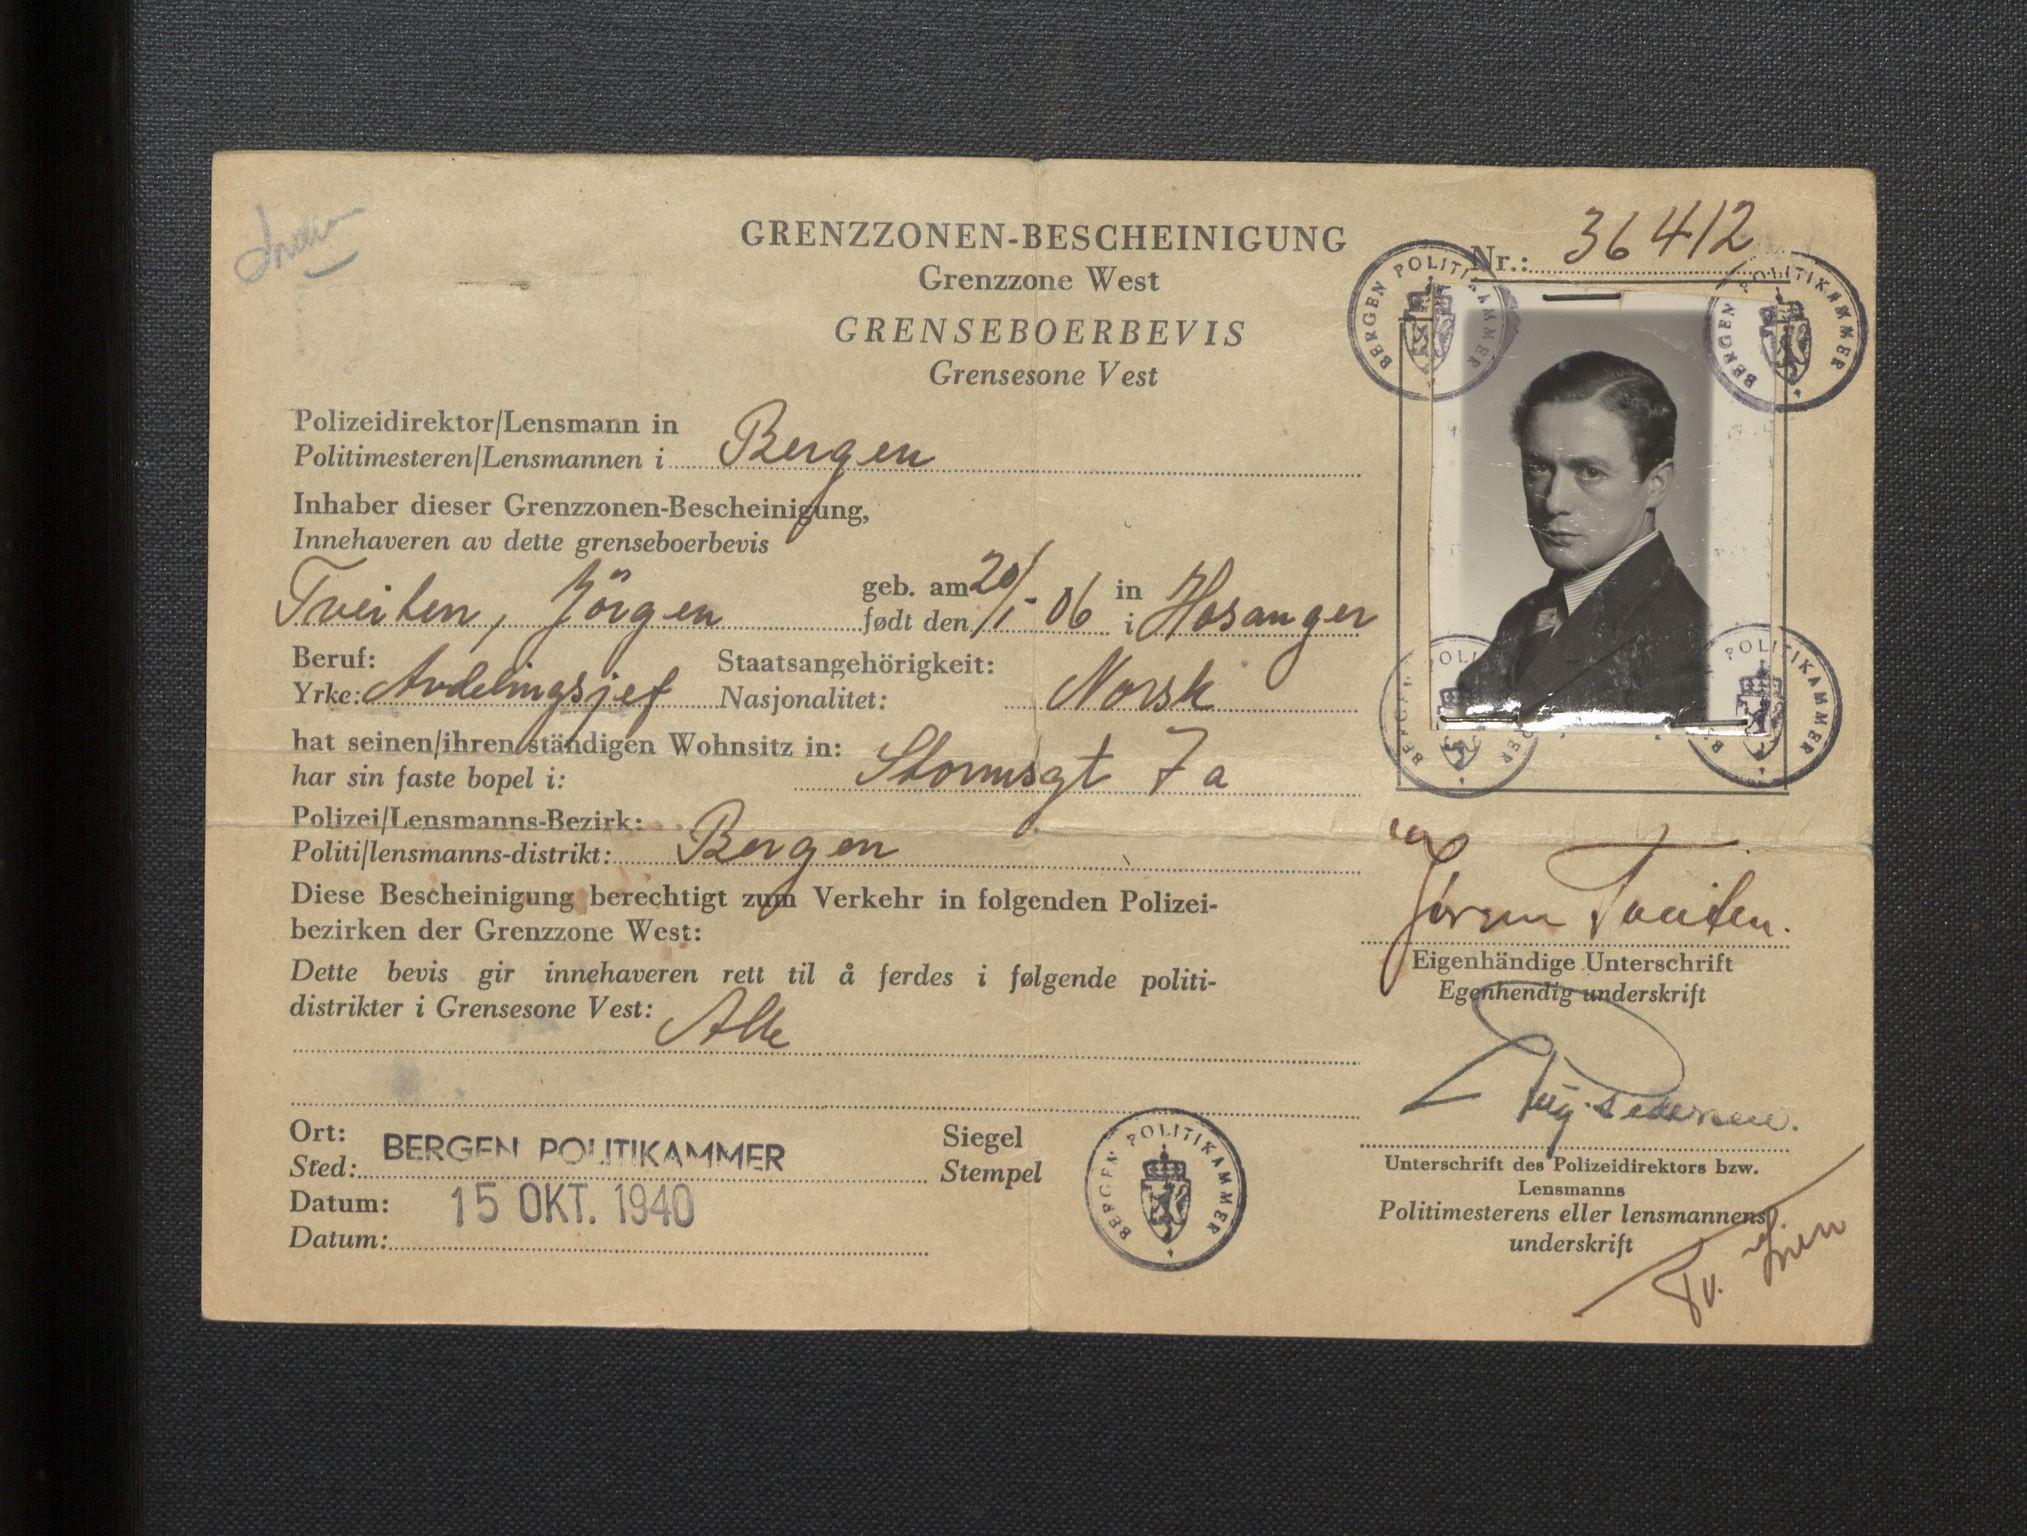 SAB, Tveiten, Jørgen, E/L0001: Korrespondanse, 1941-1947